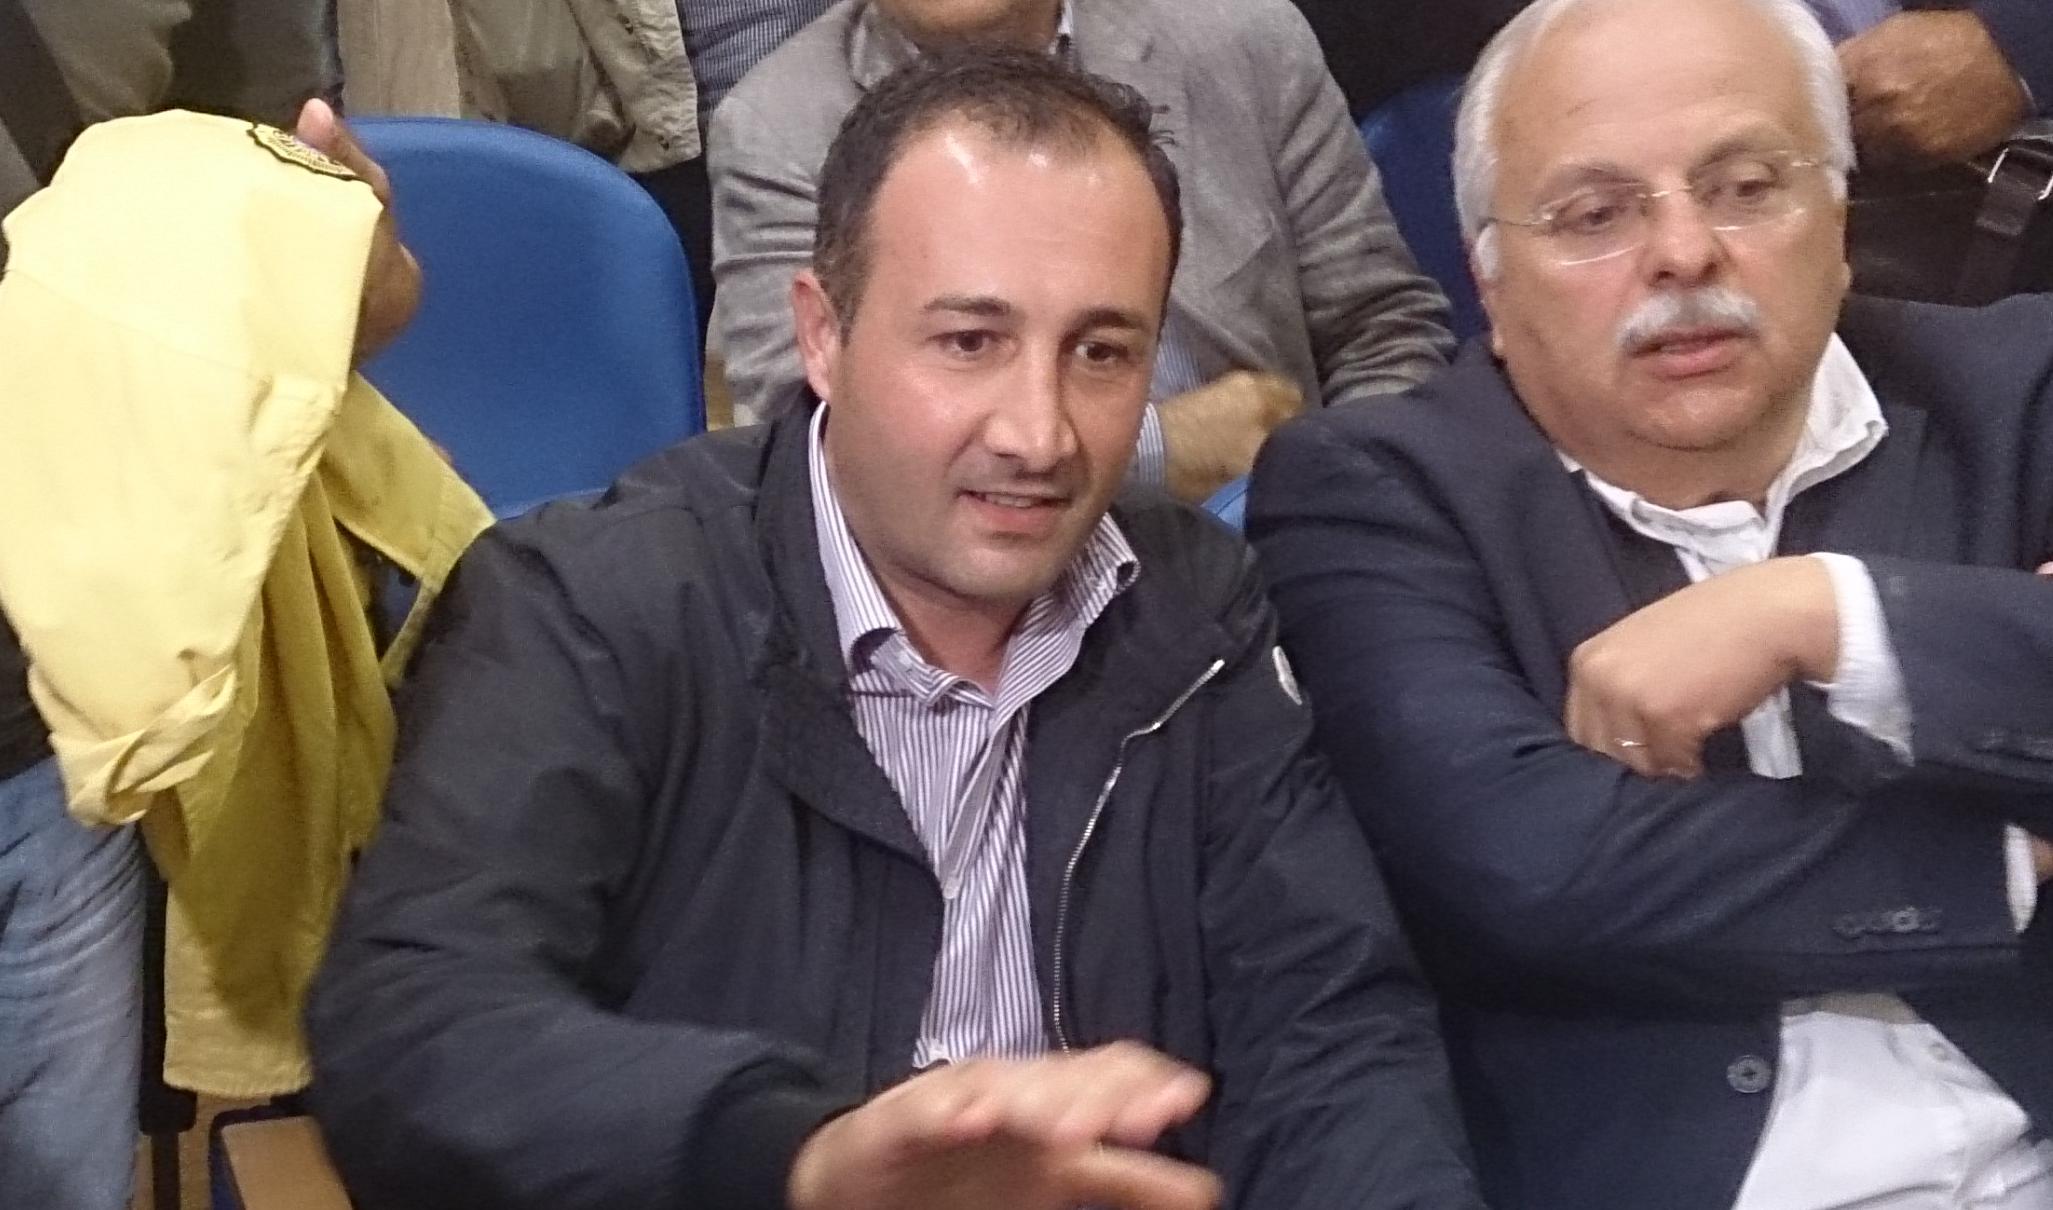 Il Ministero dovrà consegnare gli atti di Briatico  Decisione del Tar sullo scioglimento del Comune per mafia